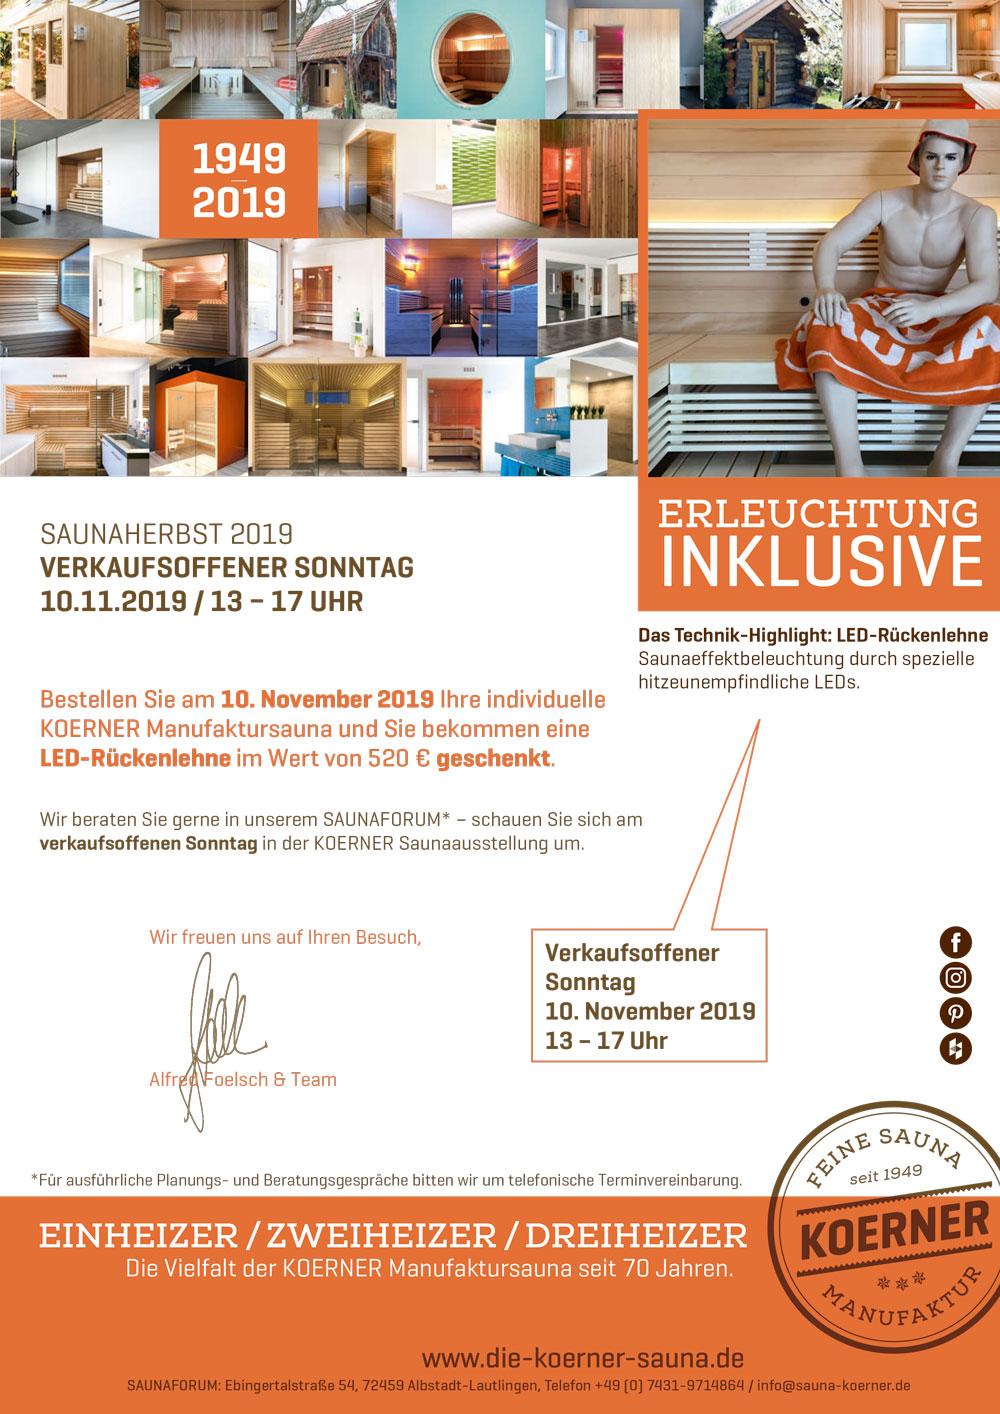 Verkaufsoffener Sonntag im Saunaforum Albstadt